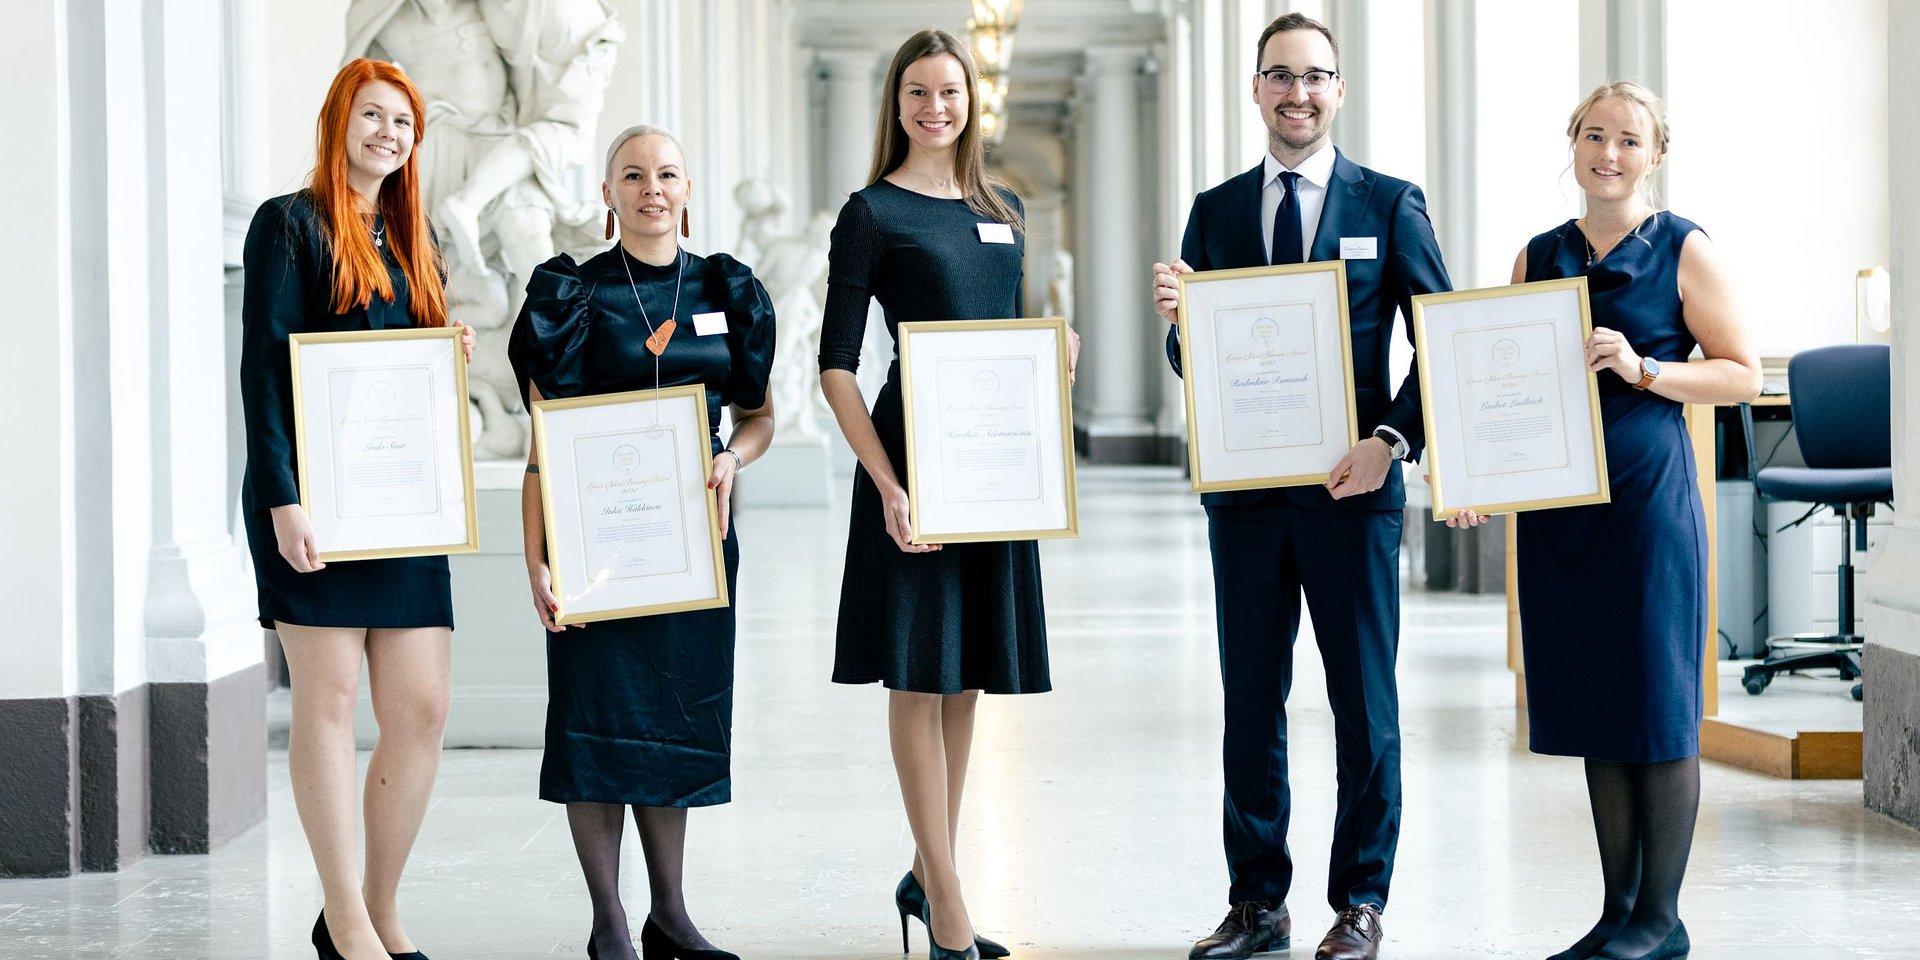 Uroczysta Ceremonia Wręczenia Nagród Queen Silvia Nursing Award w Sztokholmie